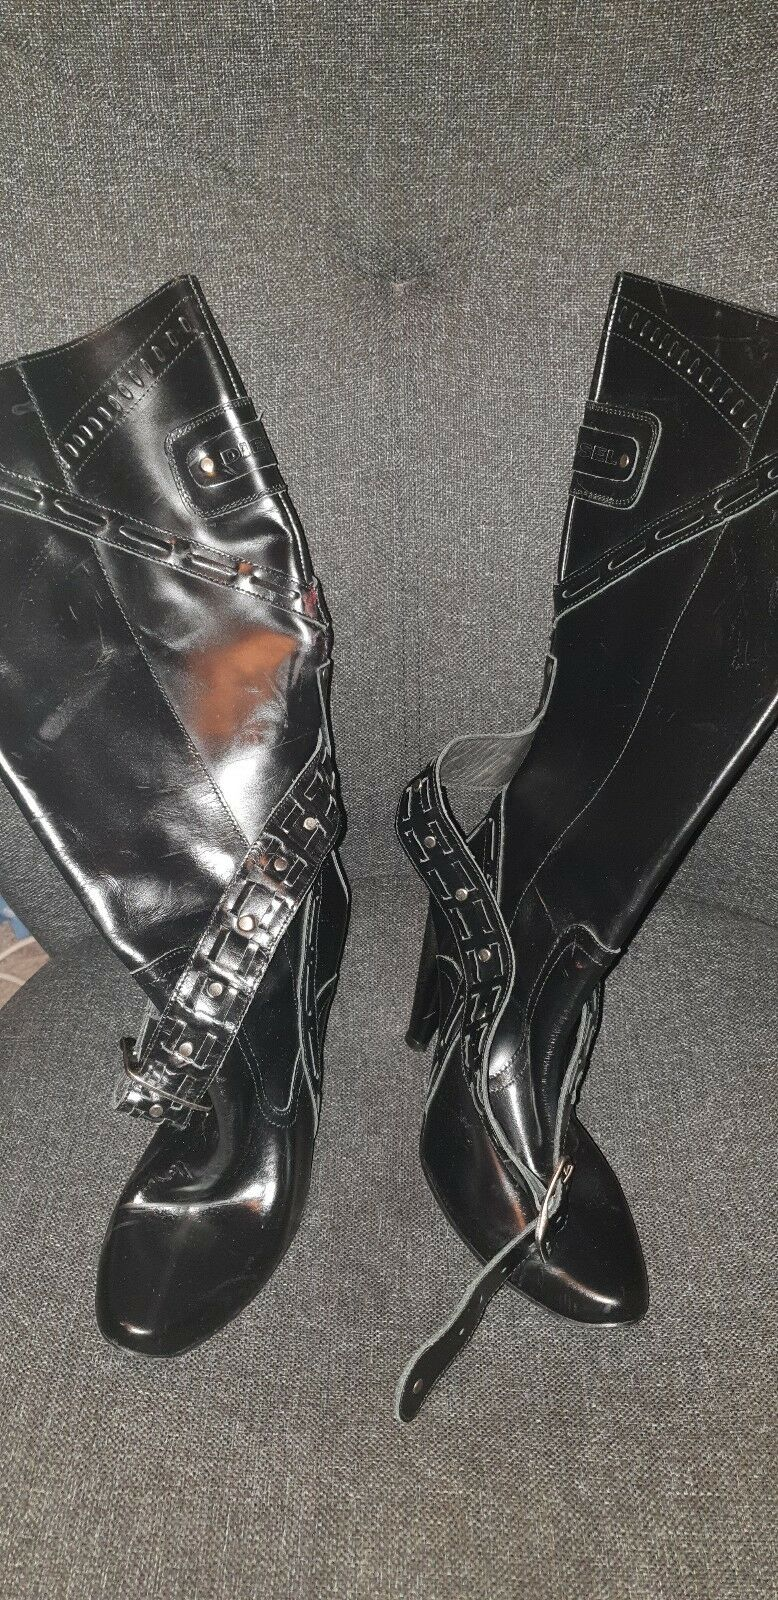 Damenschuhe Damenschuhe Damenschuhe Diesel 5 Stiefel Größe 5 Diesel ba602b ... 99dff6